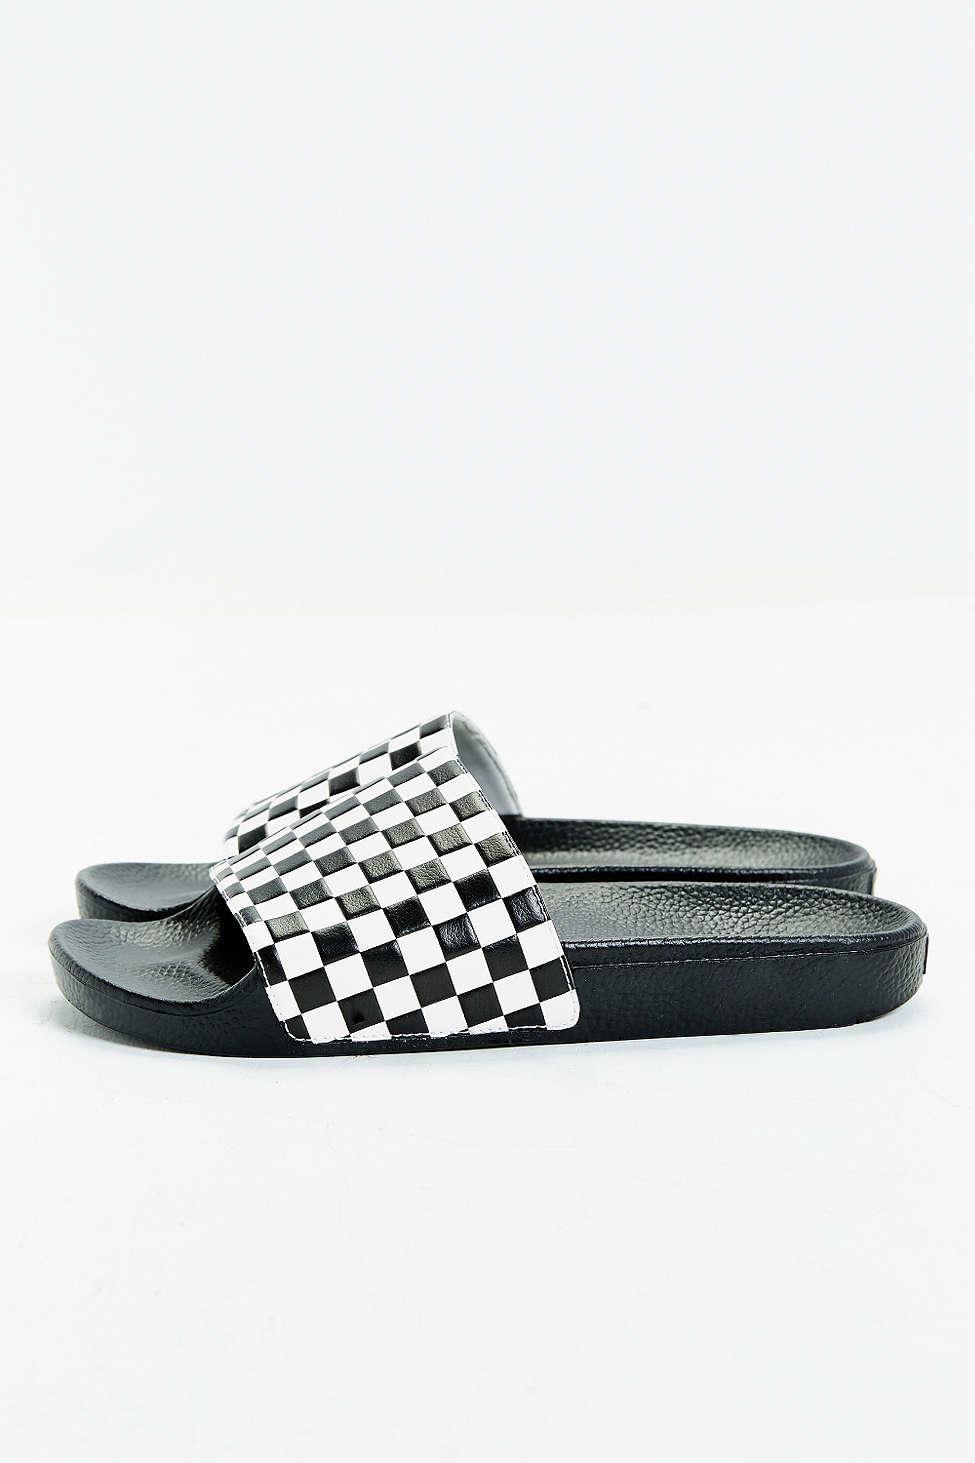 Lyst - Vans Slide-on Checkerboard Sandal in White for Men 863b4db0e